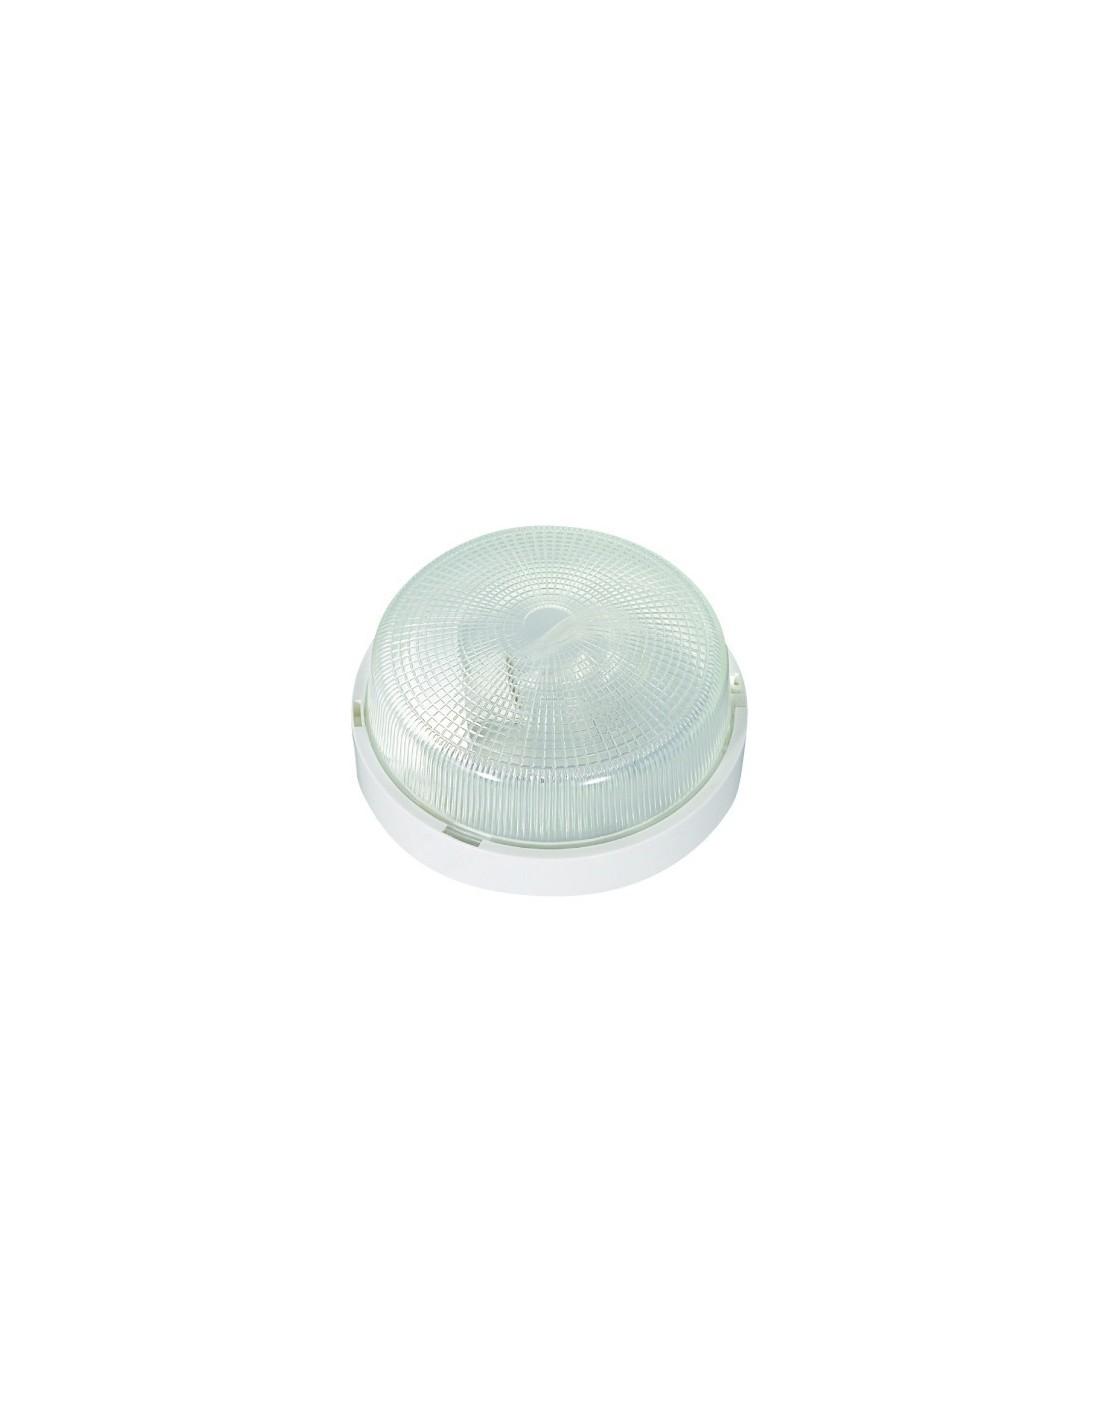 Hublot rond tanche plastique bg blanc brico for Hublot exterieur etanche